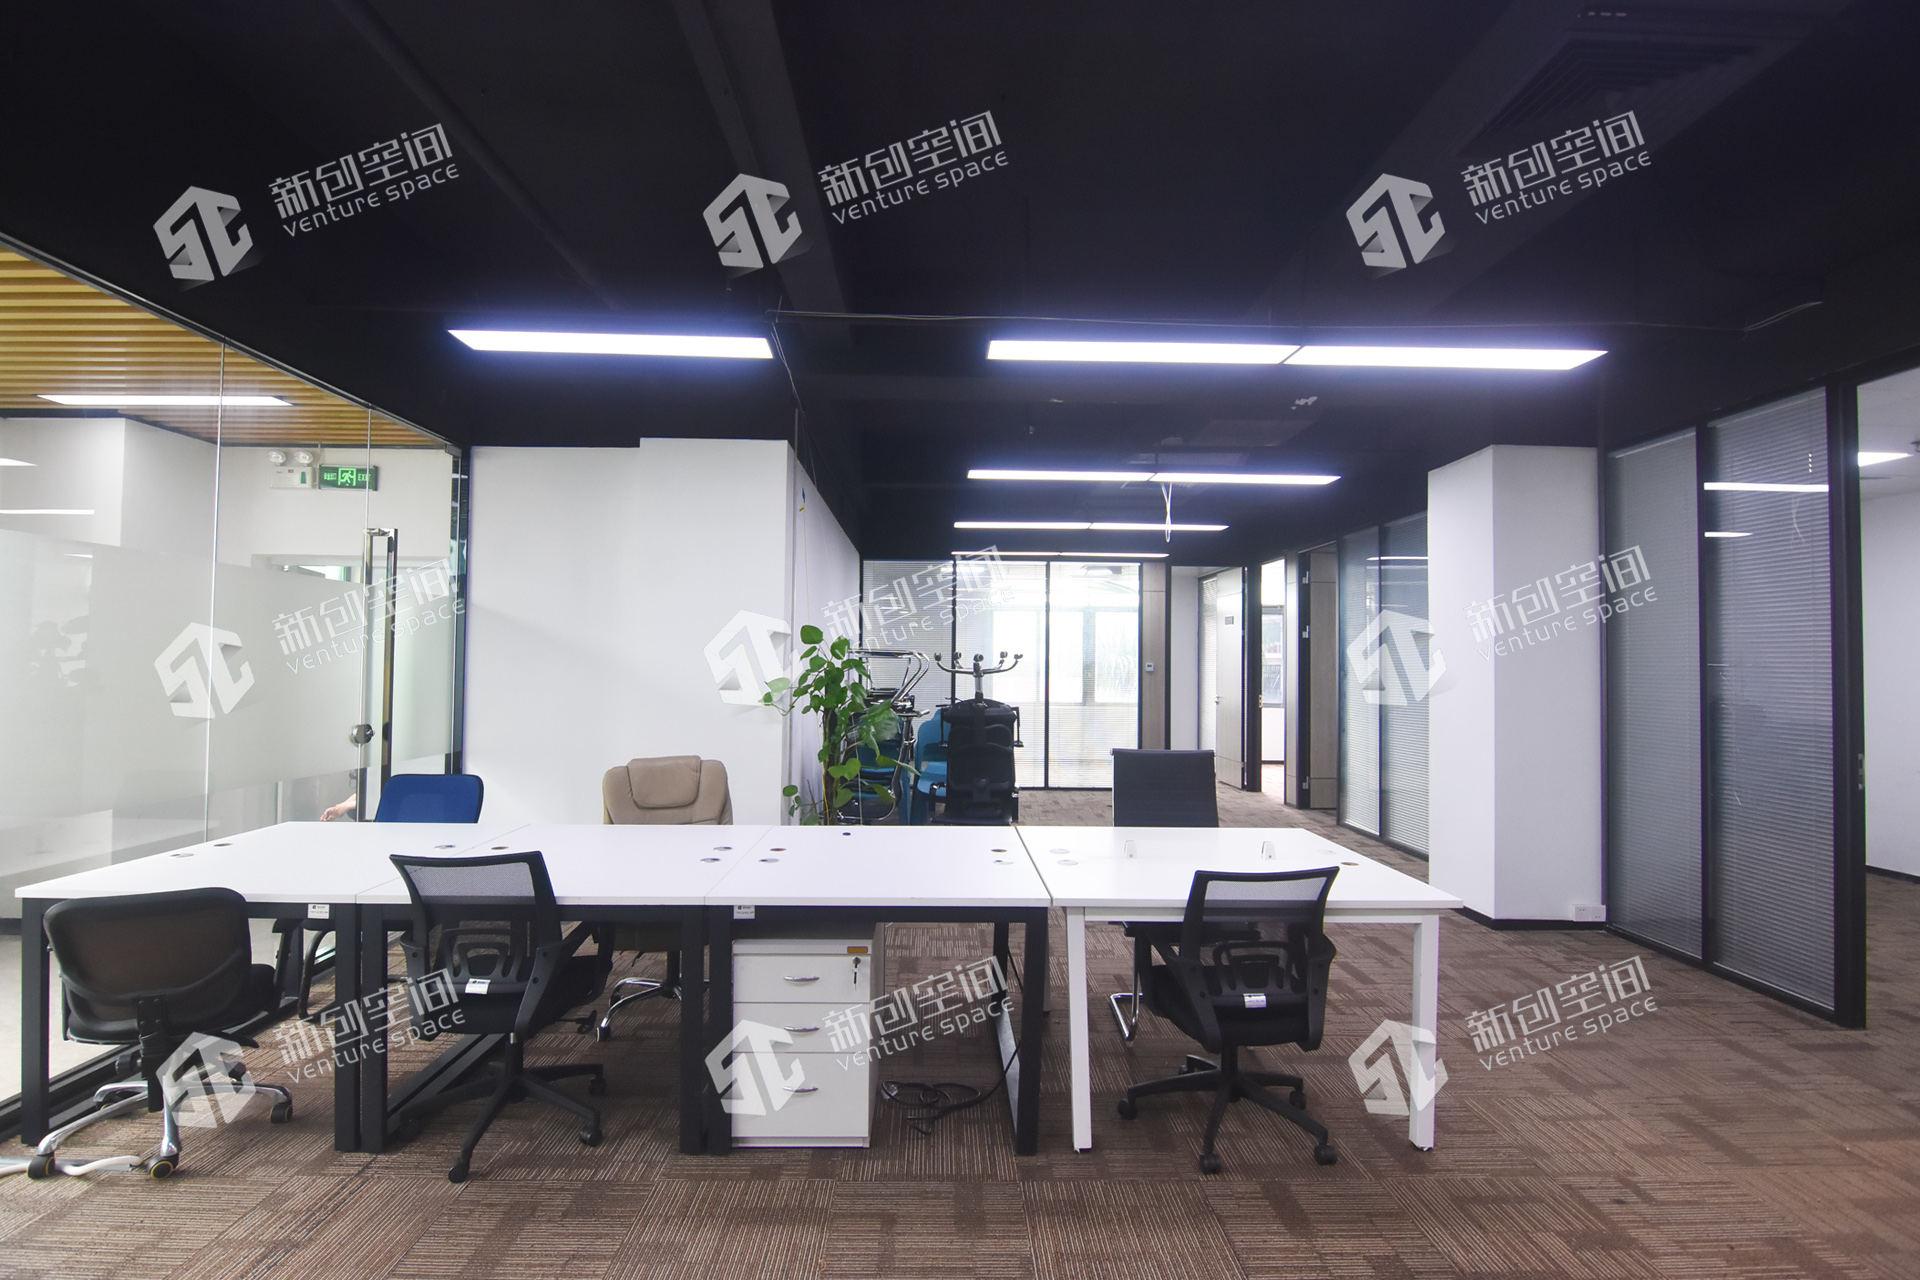 深圳虚拟大学园334㎡精装办公室出租21710元/月